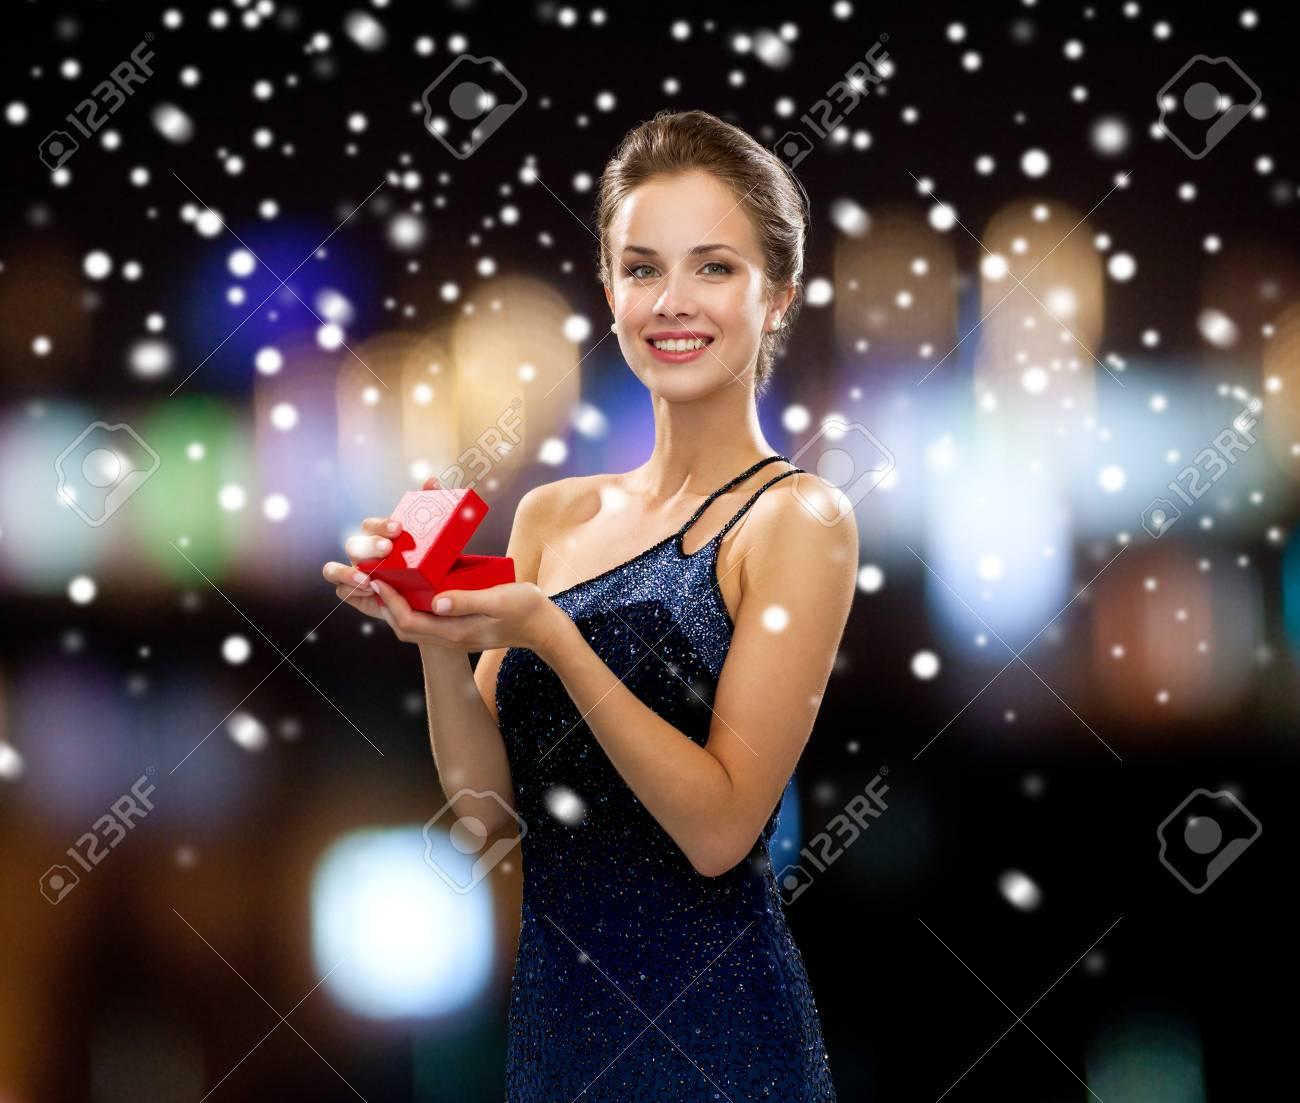 Geschenke Weihnachten Frau.Stock Photo